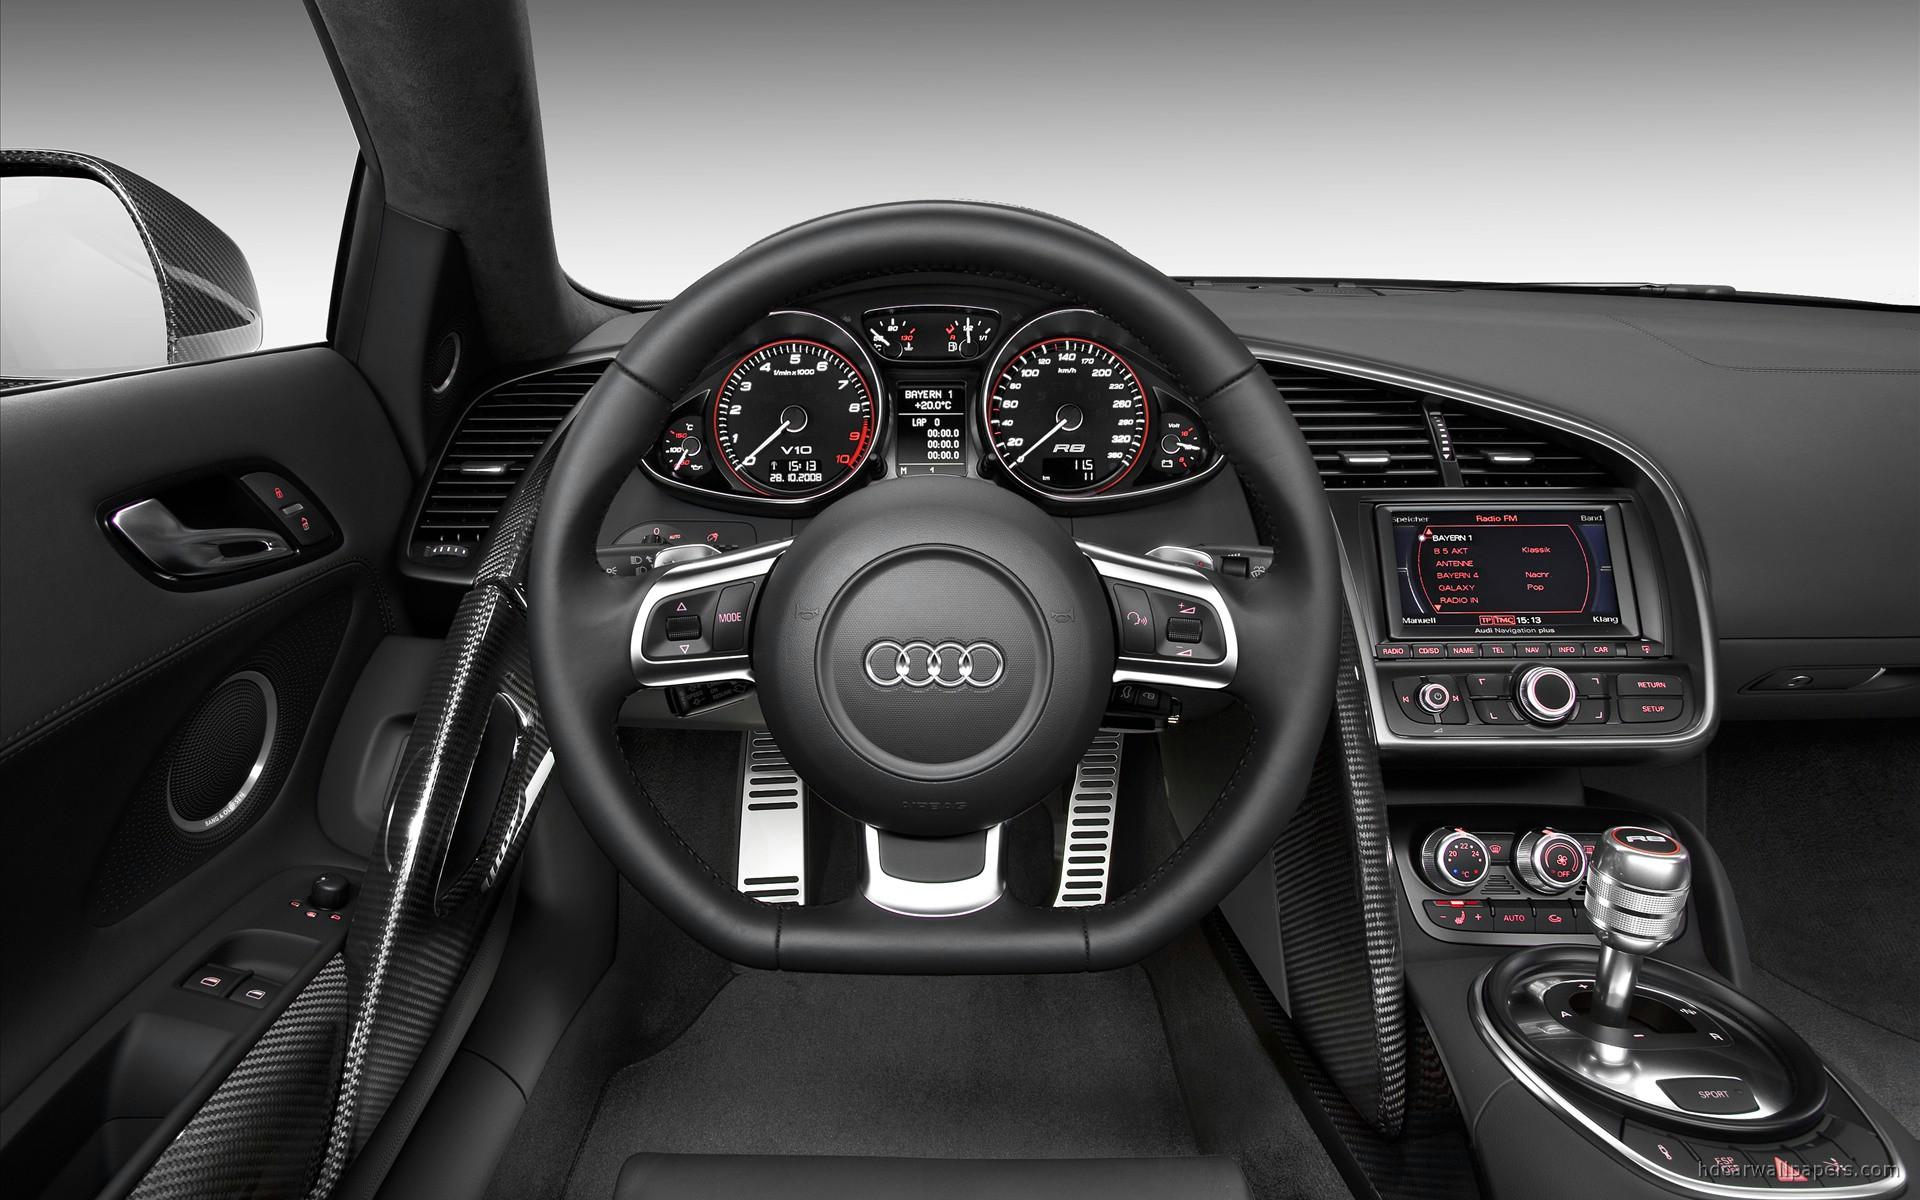 Audi R8 v10 Interior Wallpaper  HD Car Wallpapers  ID 165